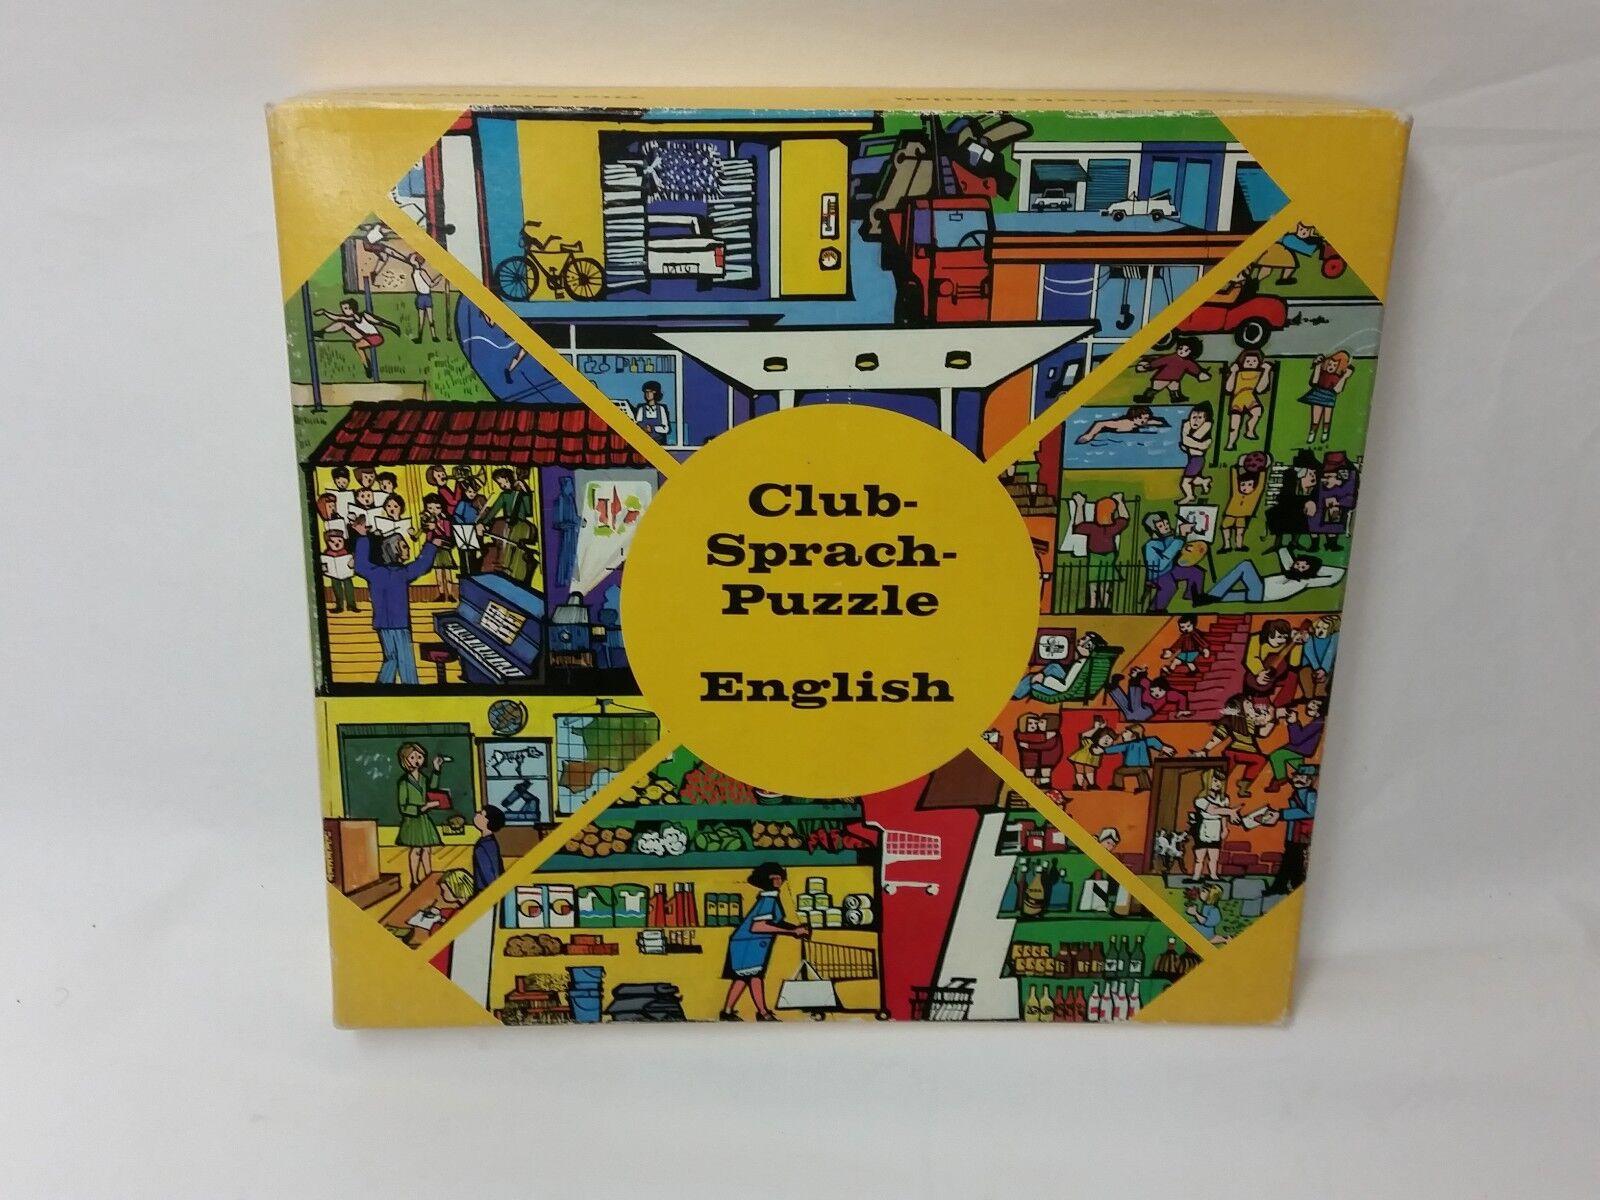 Club-linguistiche Puzzle English-tedesco-rarità    di visti mediaphon 1973